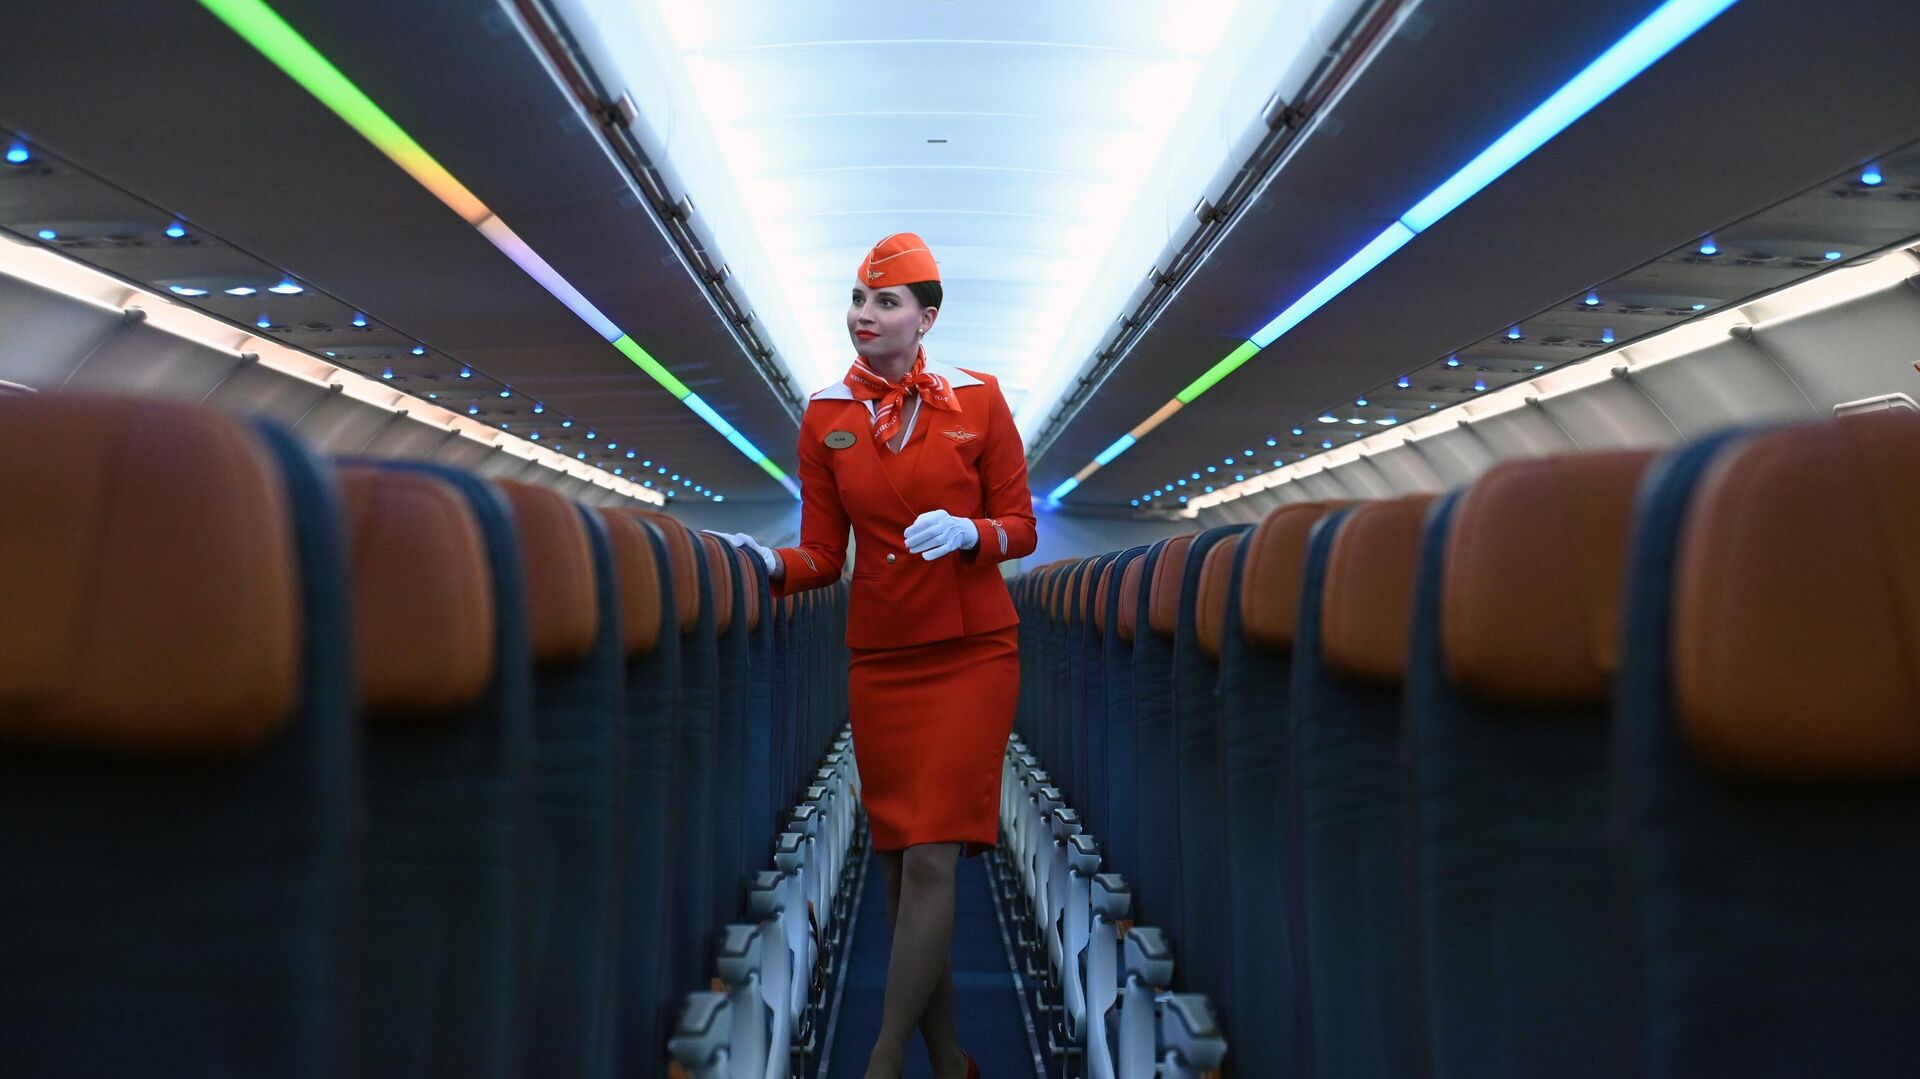 Стюардесса авиакомпании Аэрофлот во время презентации самолётов нового типа в парке Аэрофлота Airbus A321/320neo в аэропорту Шереметьево - РИА Новости, 1920, 21.09.2021